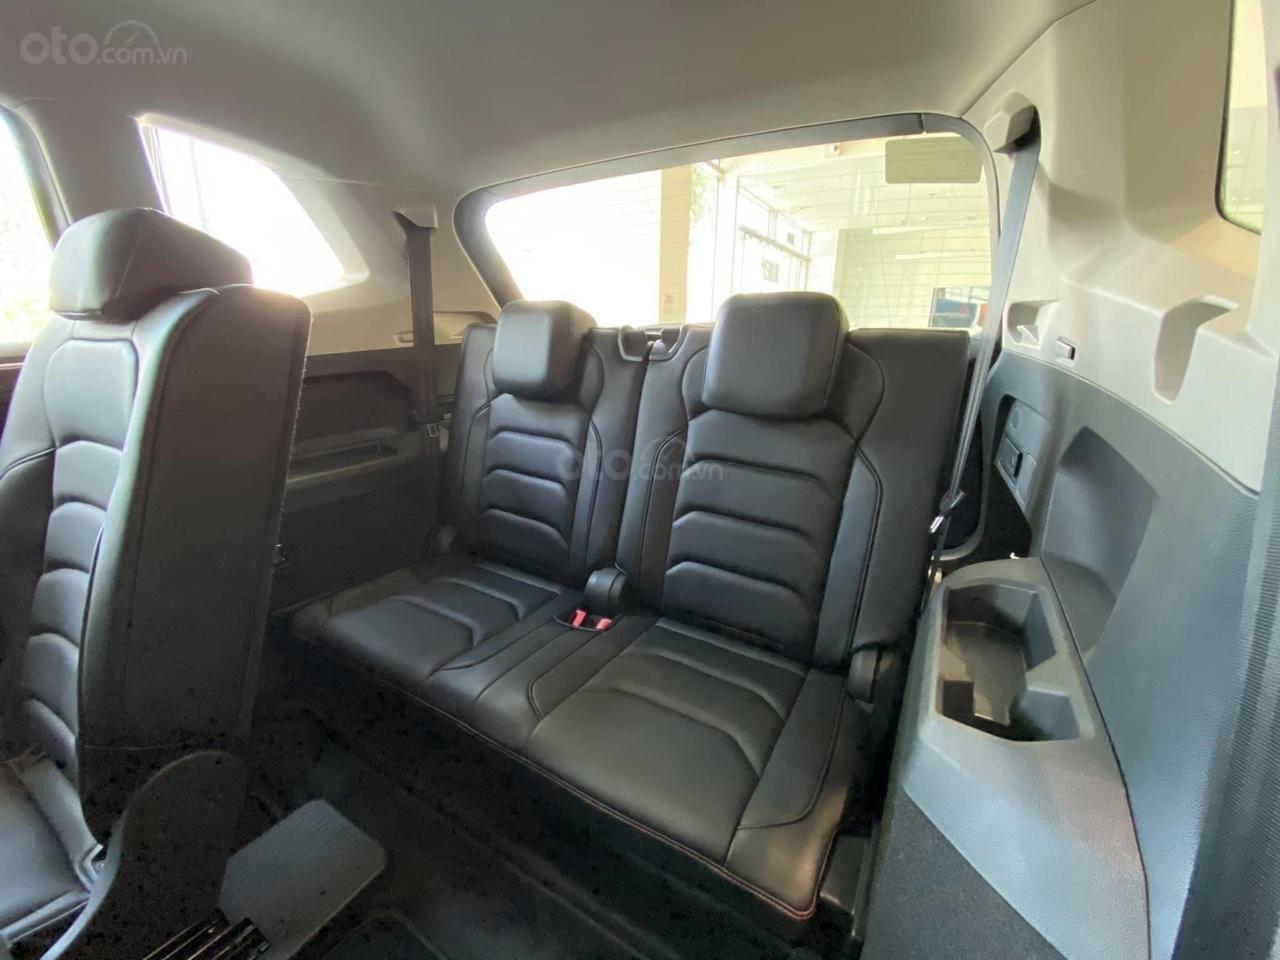 Tiguan Luxury S Màu xám - Phiên bản Offroad khuyến mãi hấp dẫn - Xe đủ màu giao ngay (13)